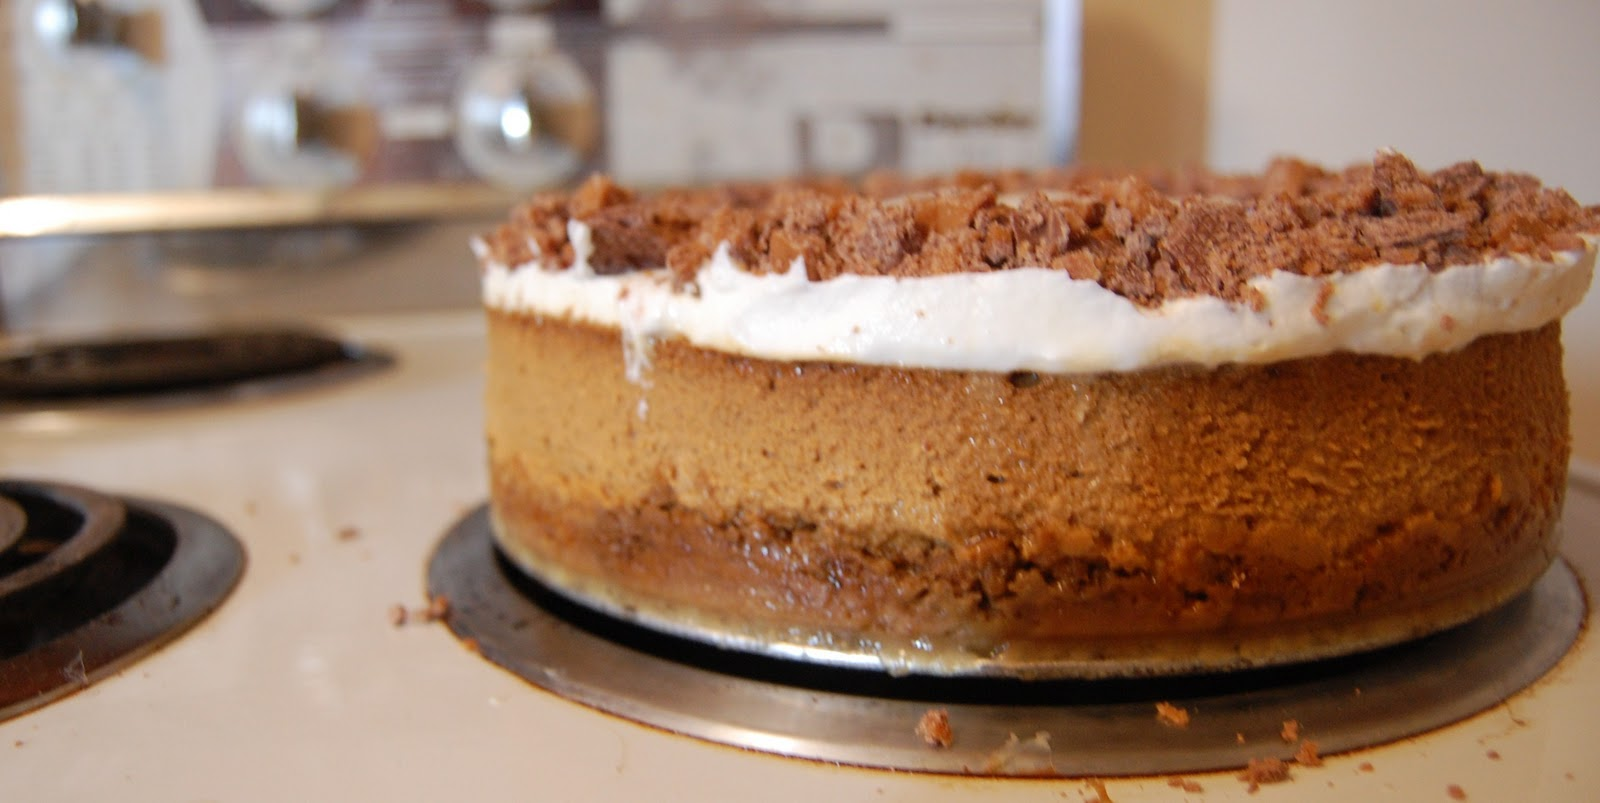 Make it n Take it: Gingerbread Cheesecake